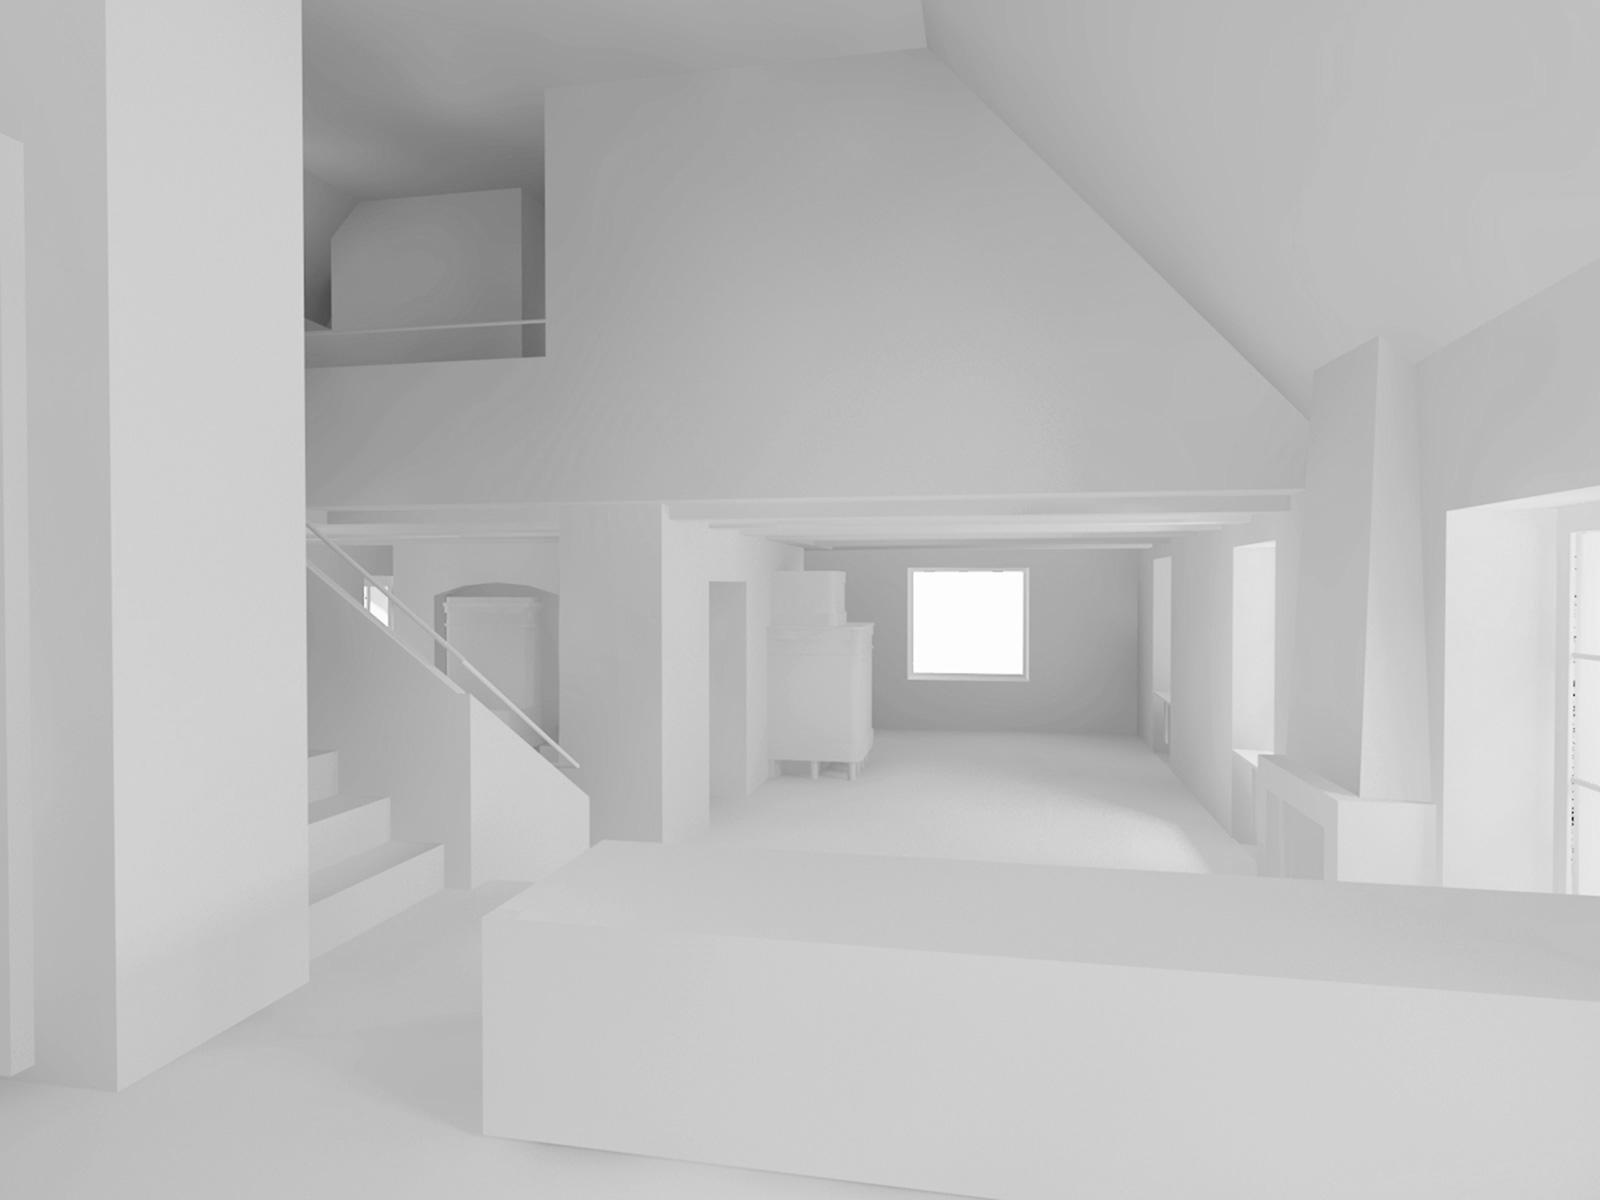 Visualisierung Wohngeschoss Wiederaufbau denkmalgeschützes ehemaliges Bauernhaus Hauptstrasse Magglinggen